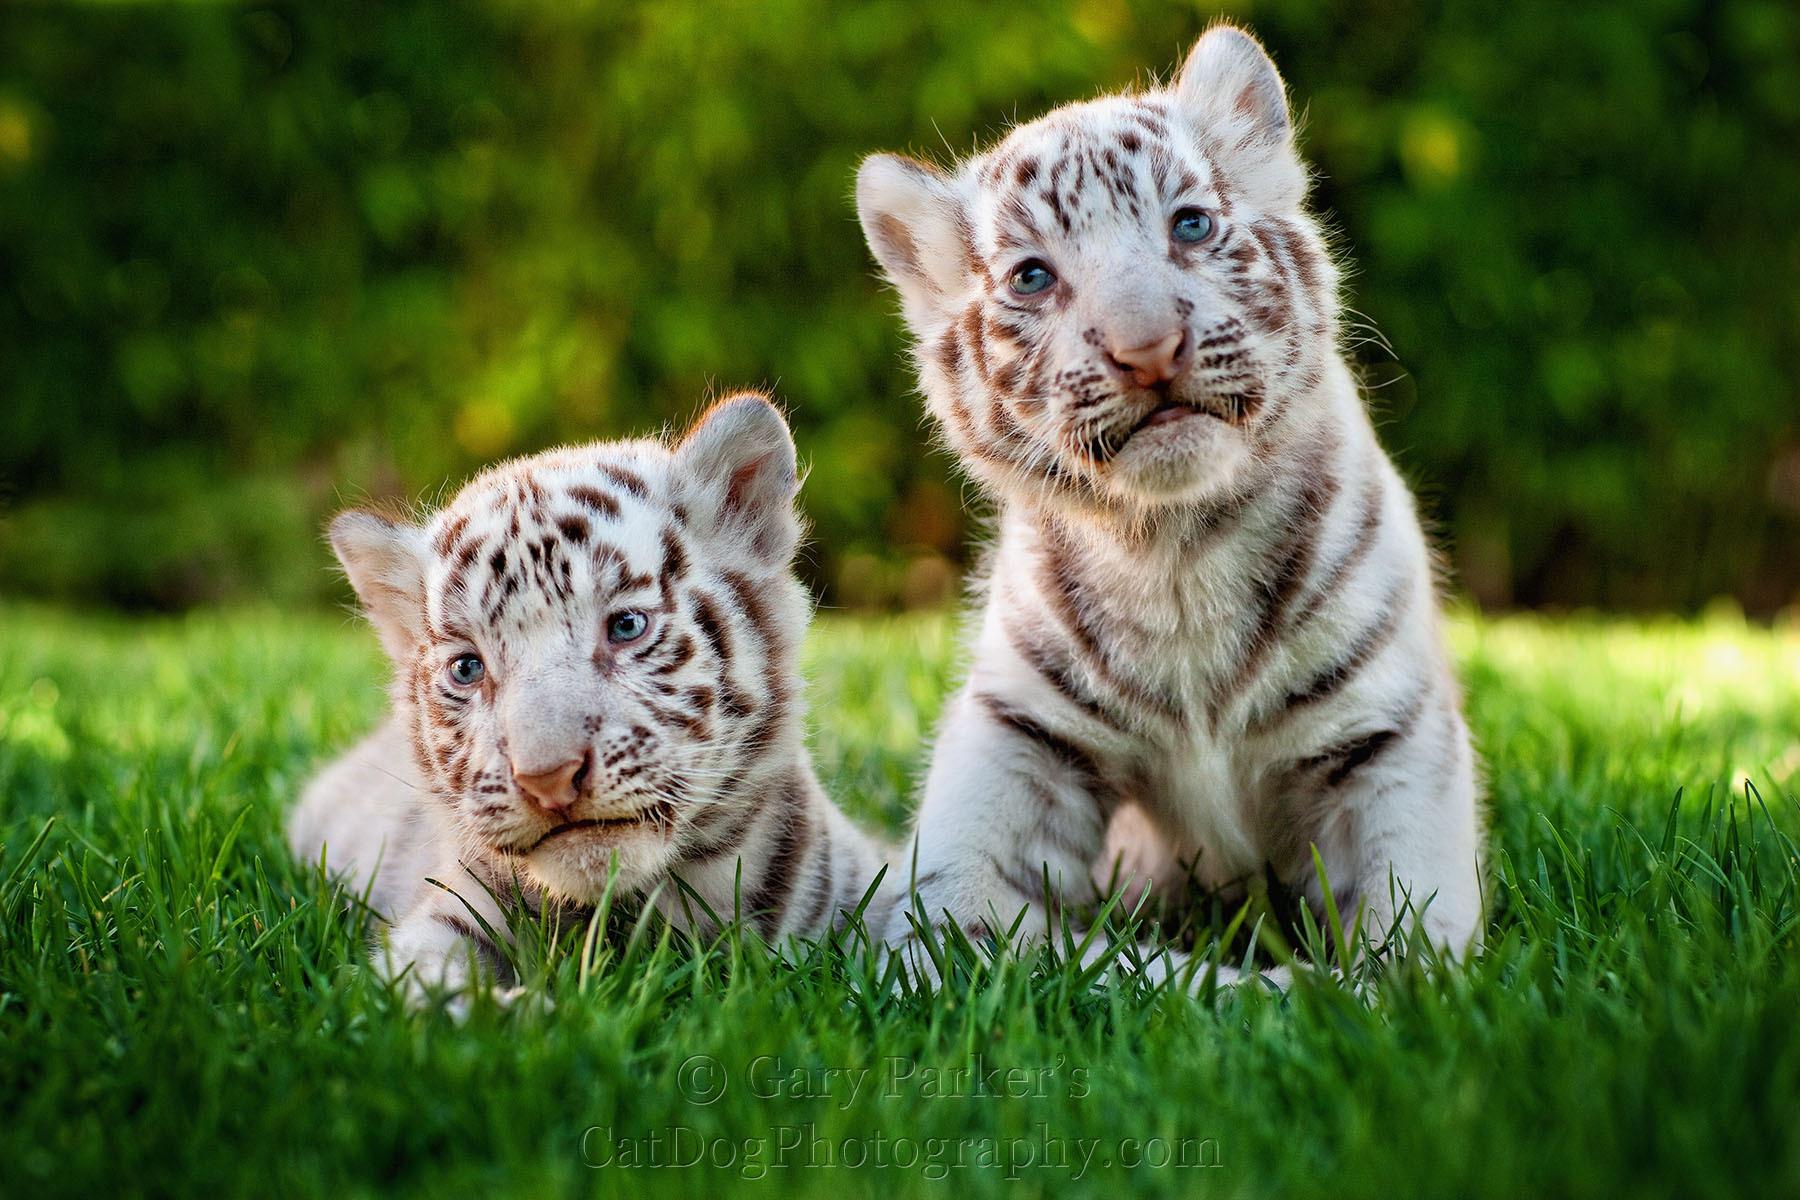 White Tiger clipart two For desktop clipart desktop tiger